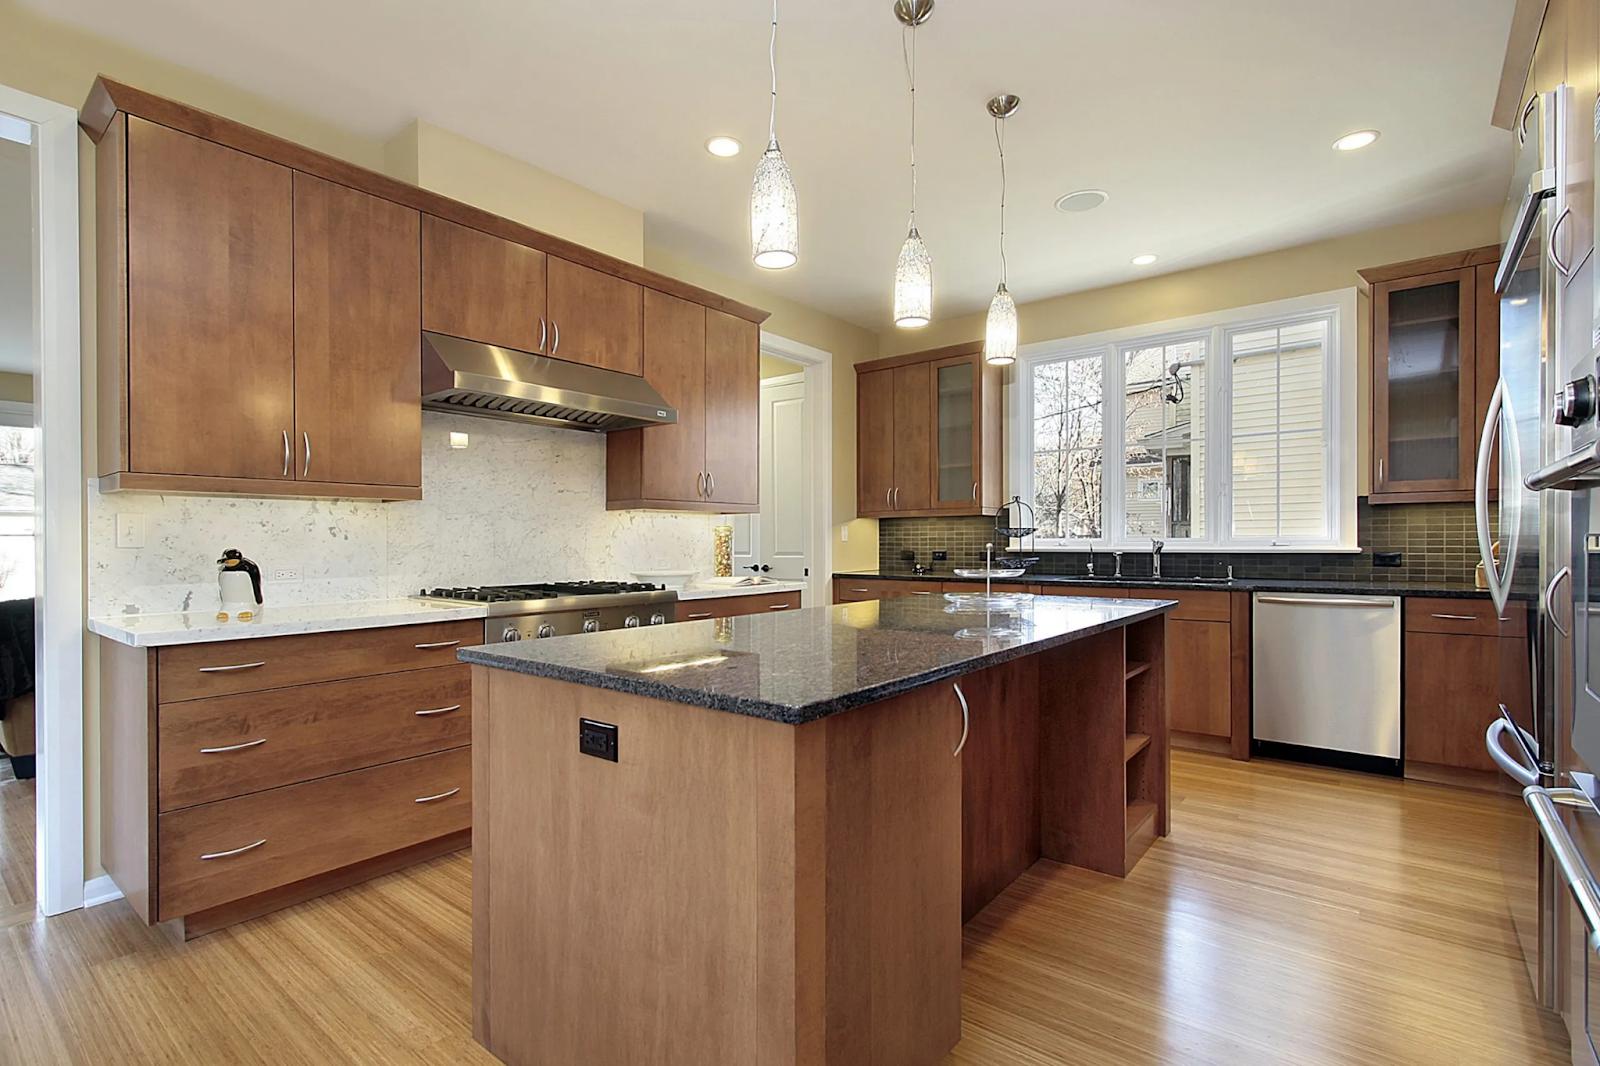 Modern Kitchen Refacing